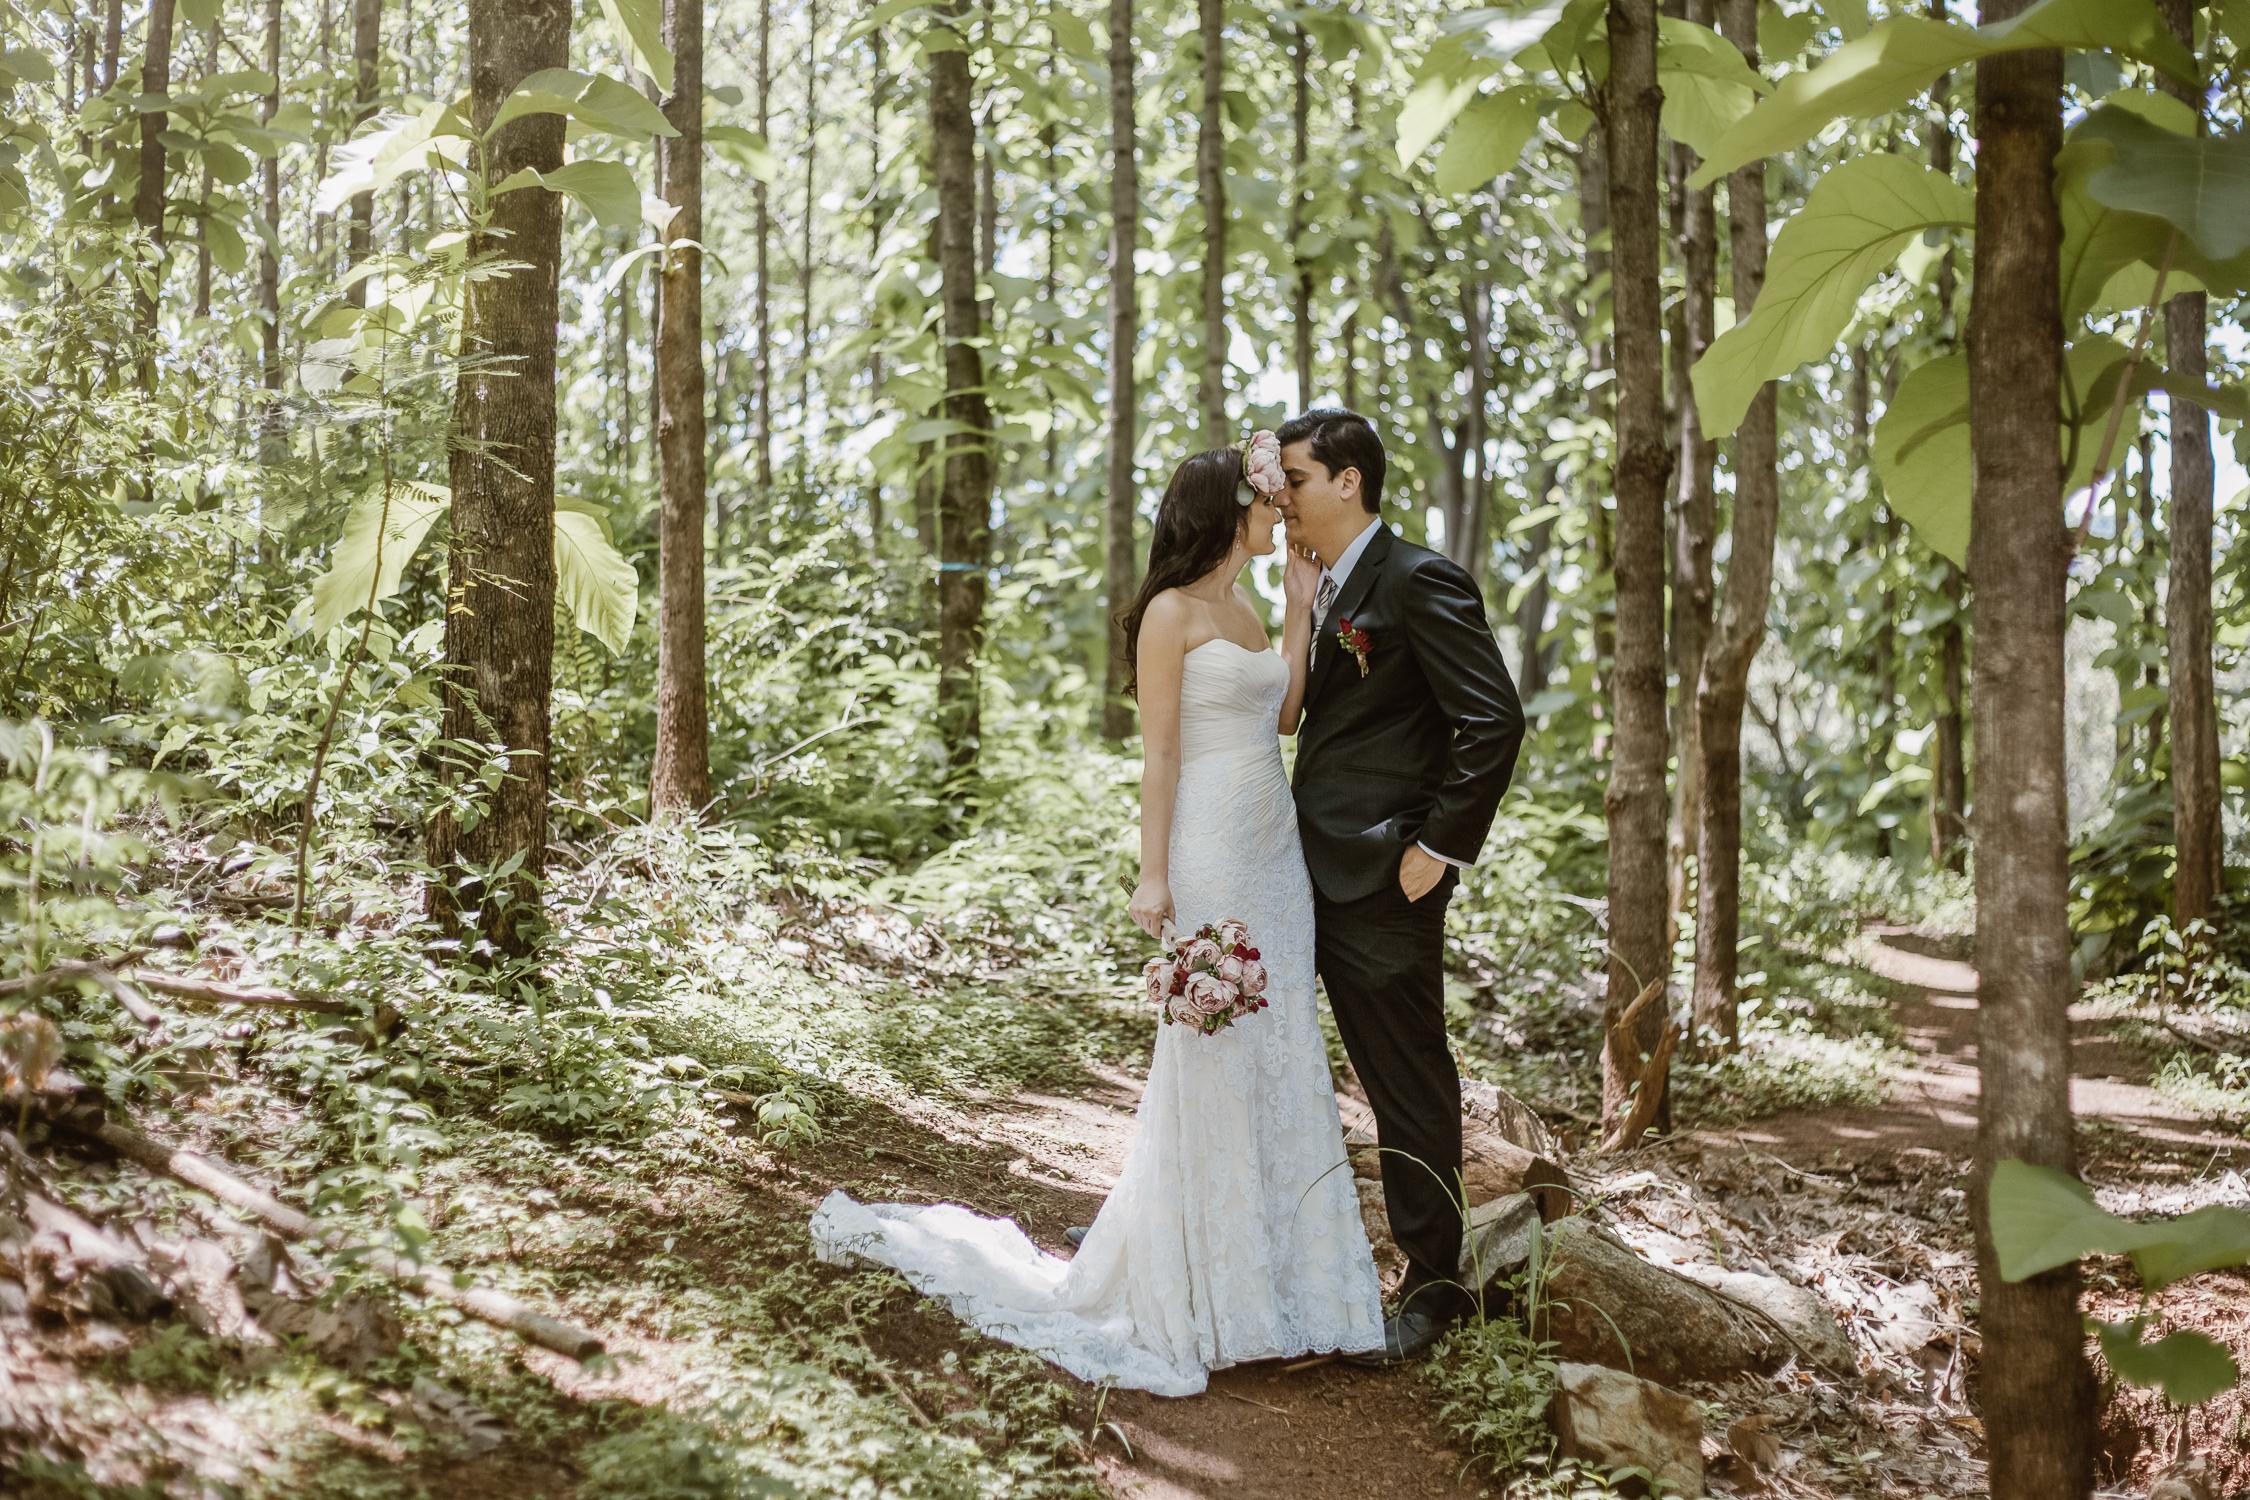 Michelle-Agurto-Fotografia-Bodas-Ecuador-Destination-Wedding-Photographer-Nathalie-Sebas-6.JPG